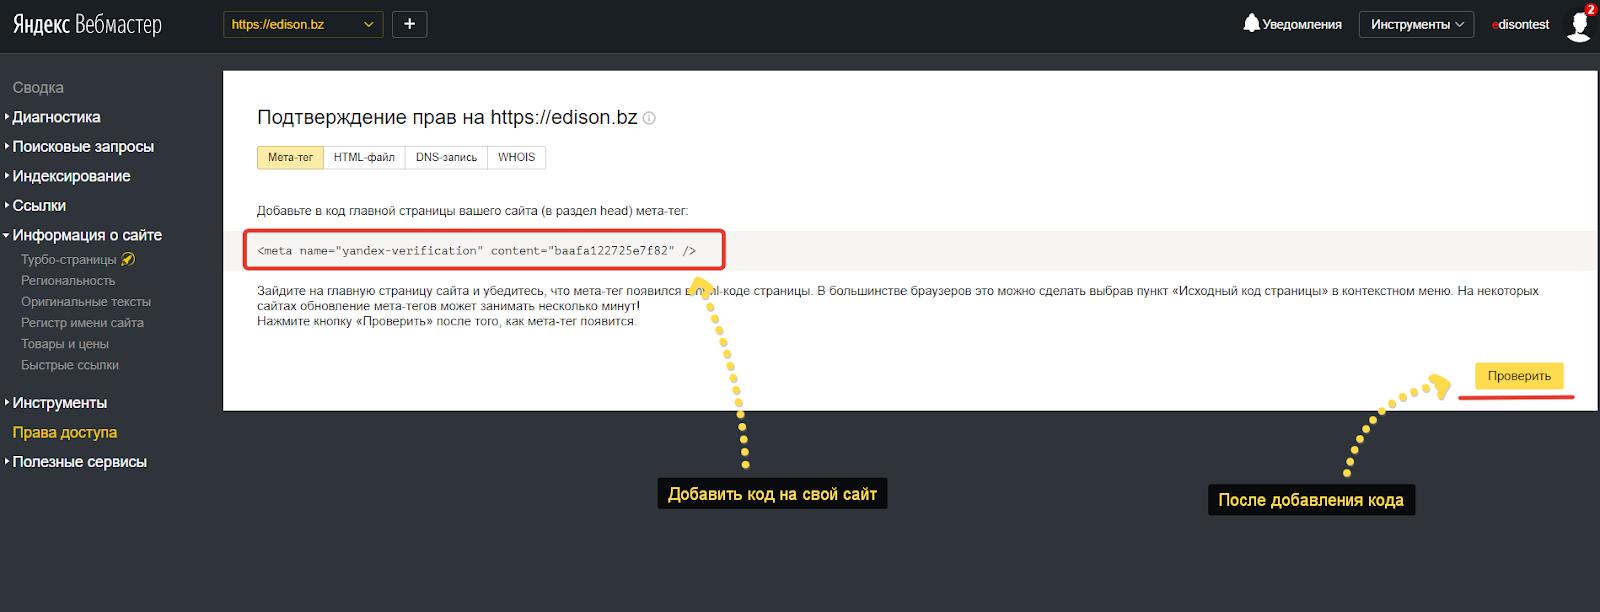 Подтверждения прав сайта в Яндекс Вебмастере через мета-тег